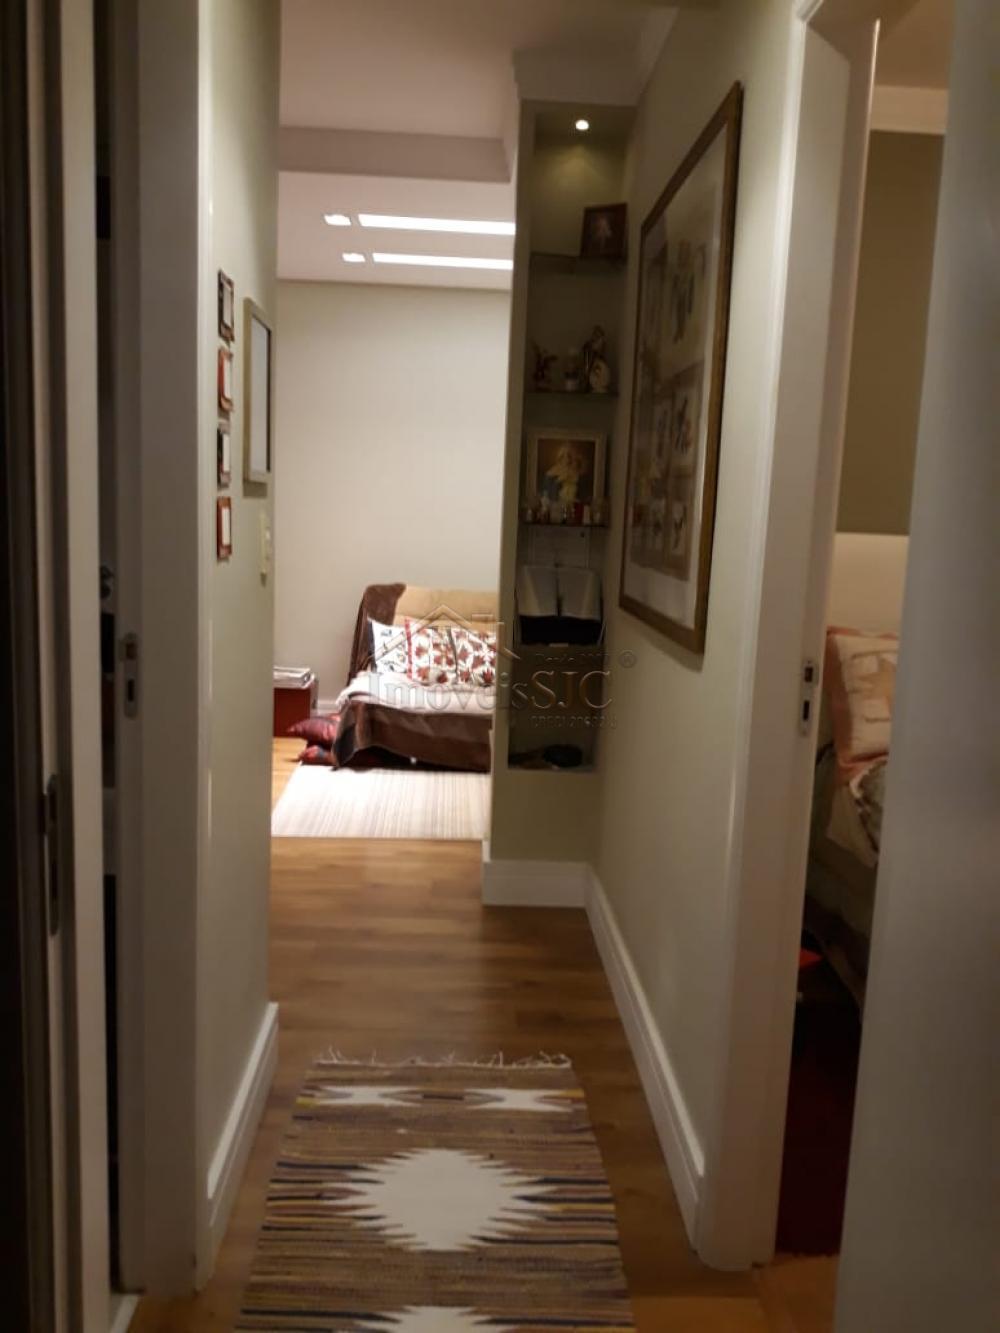 Comprar Apartamentos / Padrão em São José dos Campos apenas R$ 360.000,00 - Foto 4